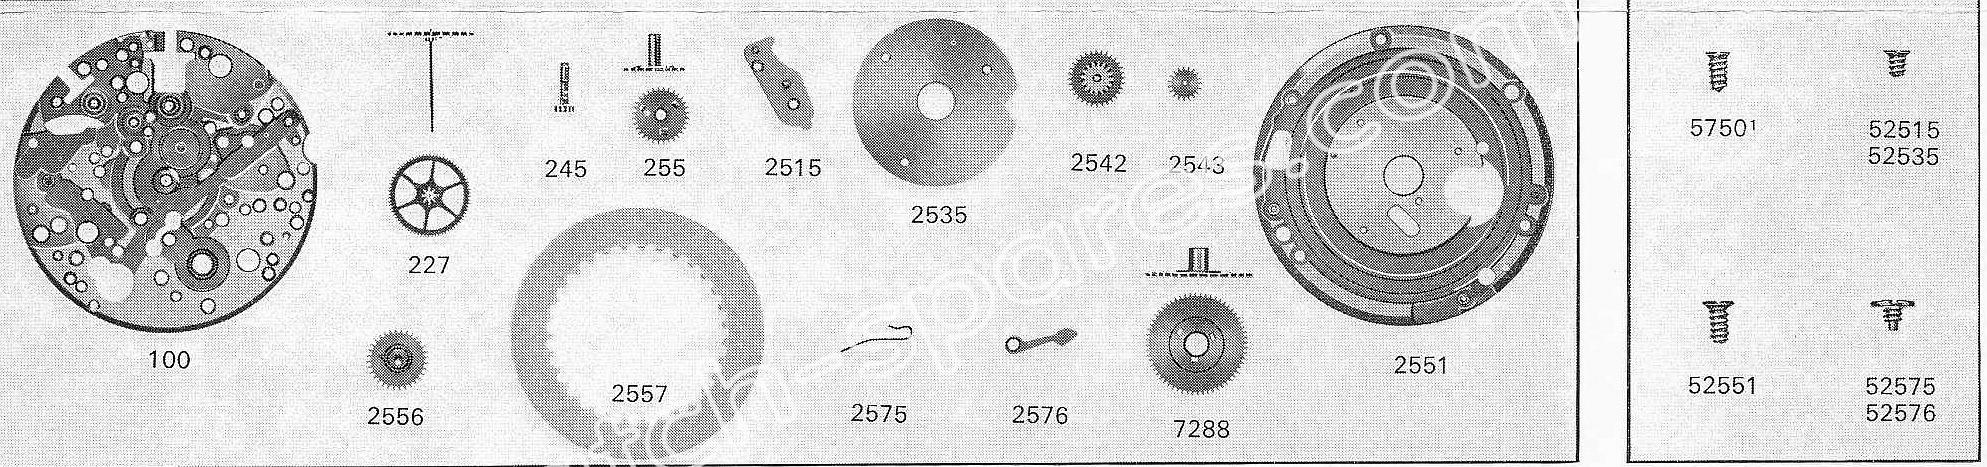 A Schild AS 1931 watch date part